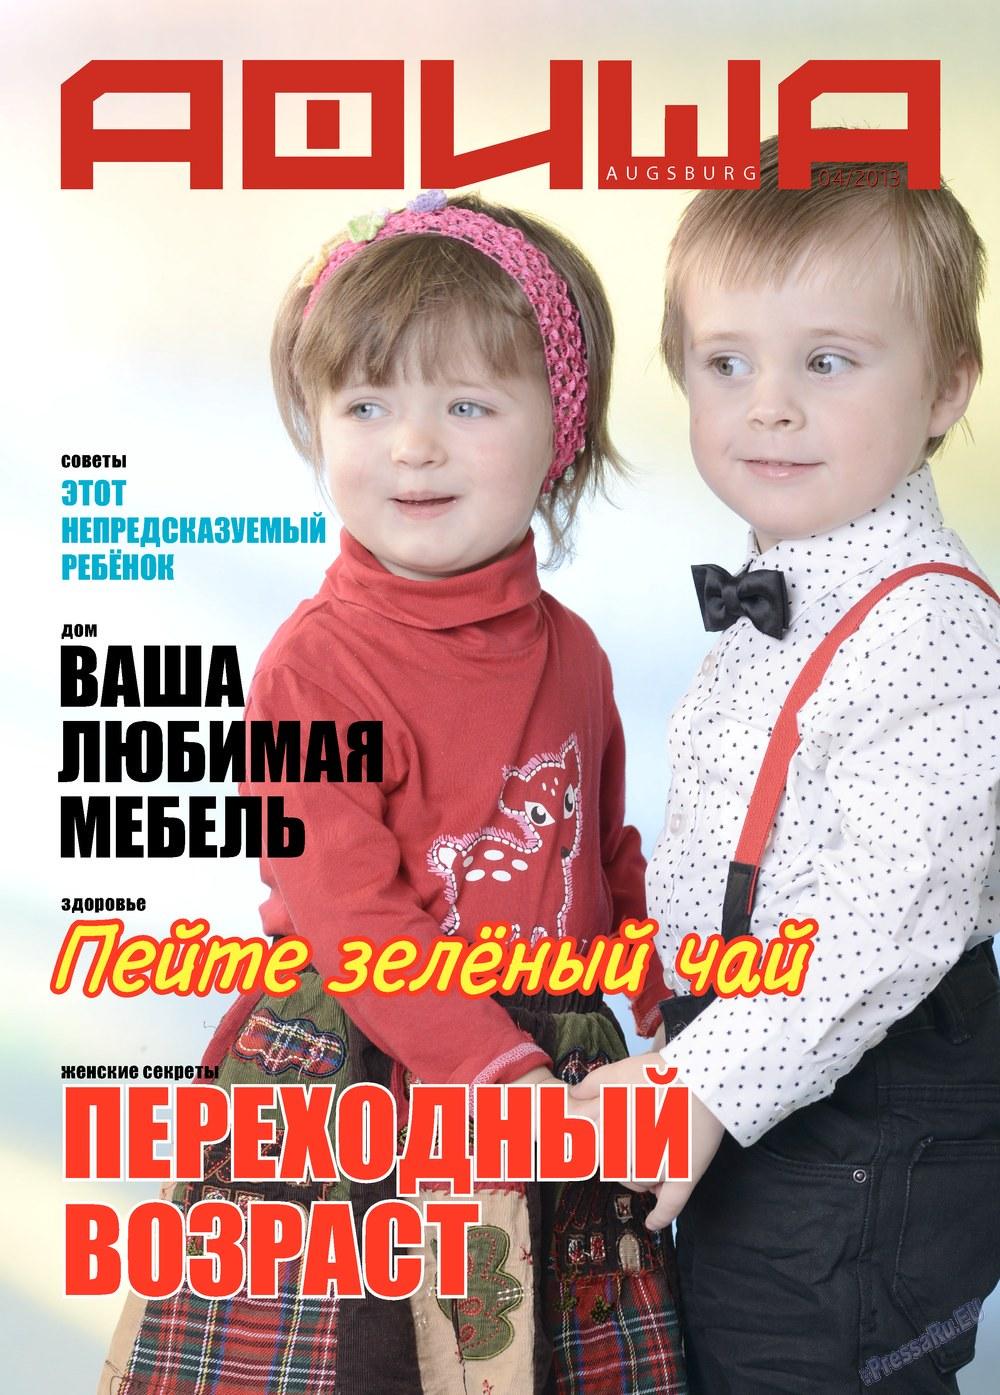 Афиша Augsburg (журнал). 2013 год, номер 4, стр. 1